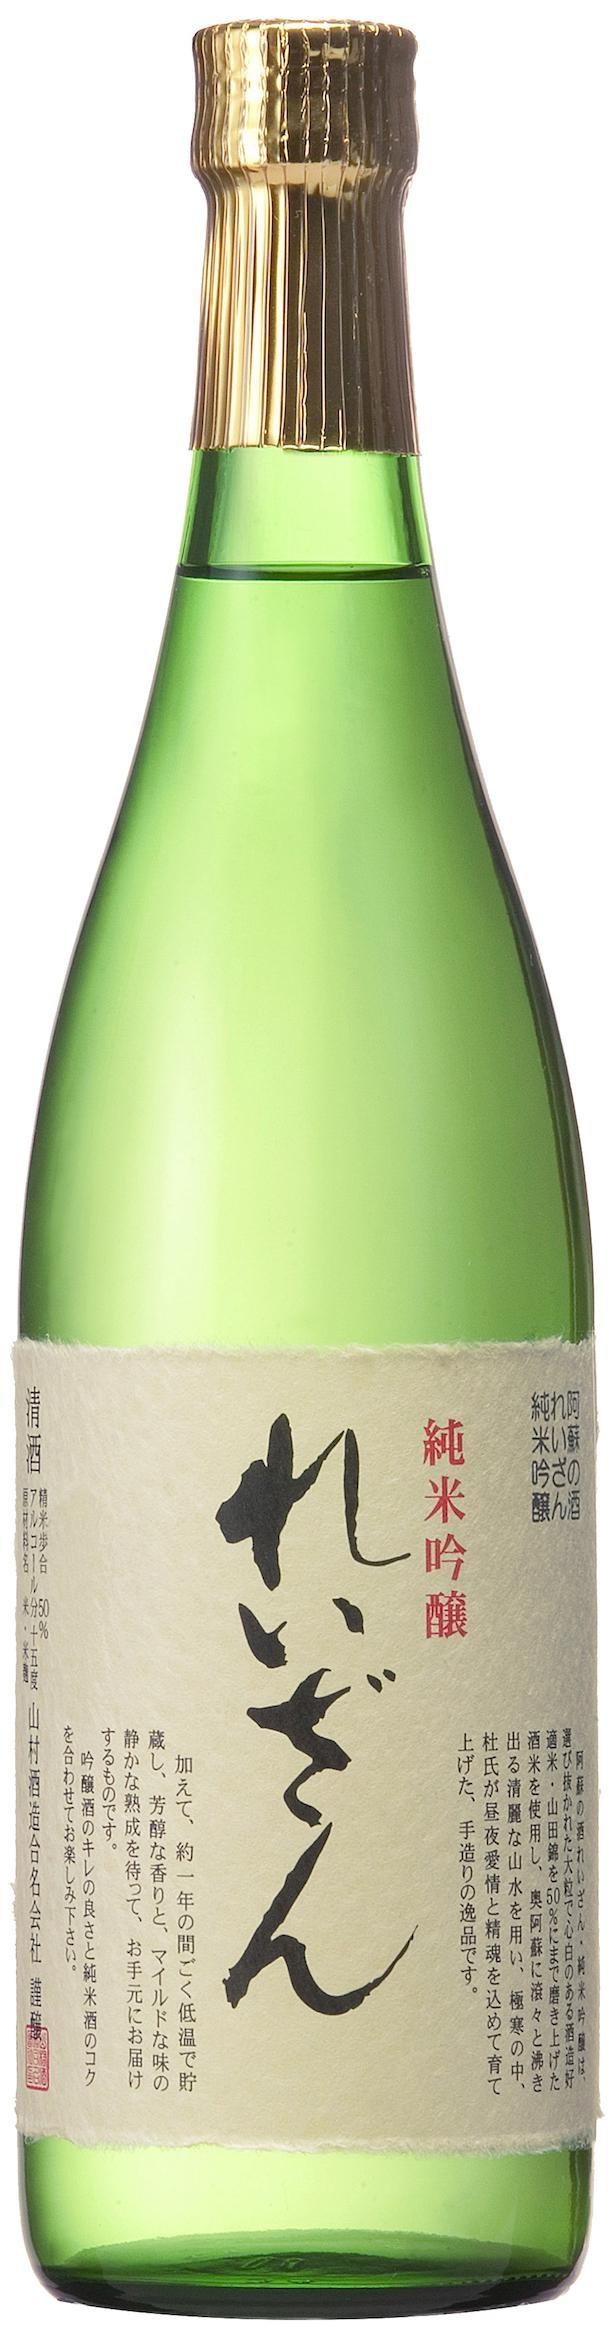 れいざん純米吟醸(720ml 2200円・税込)/山村酒造